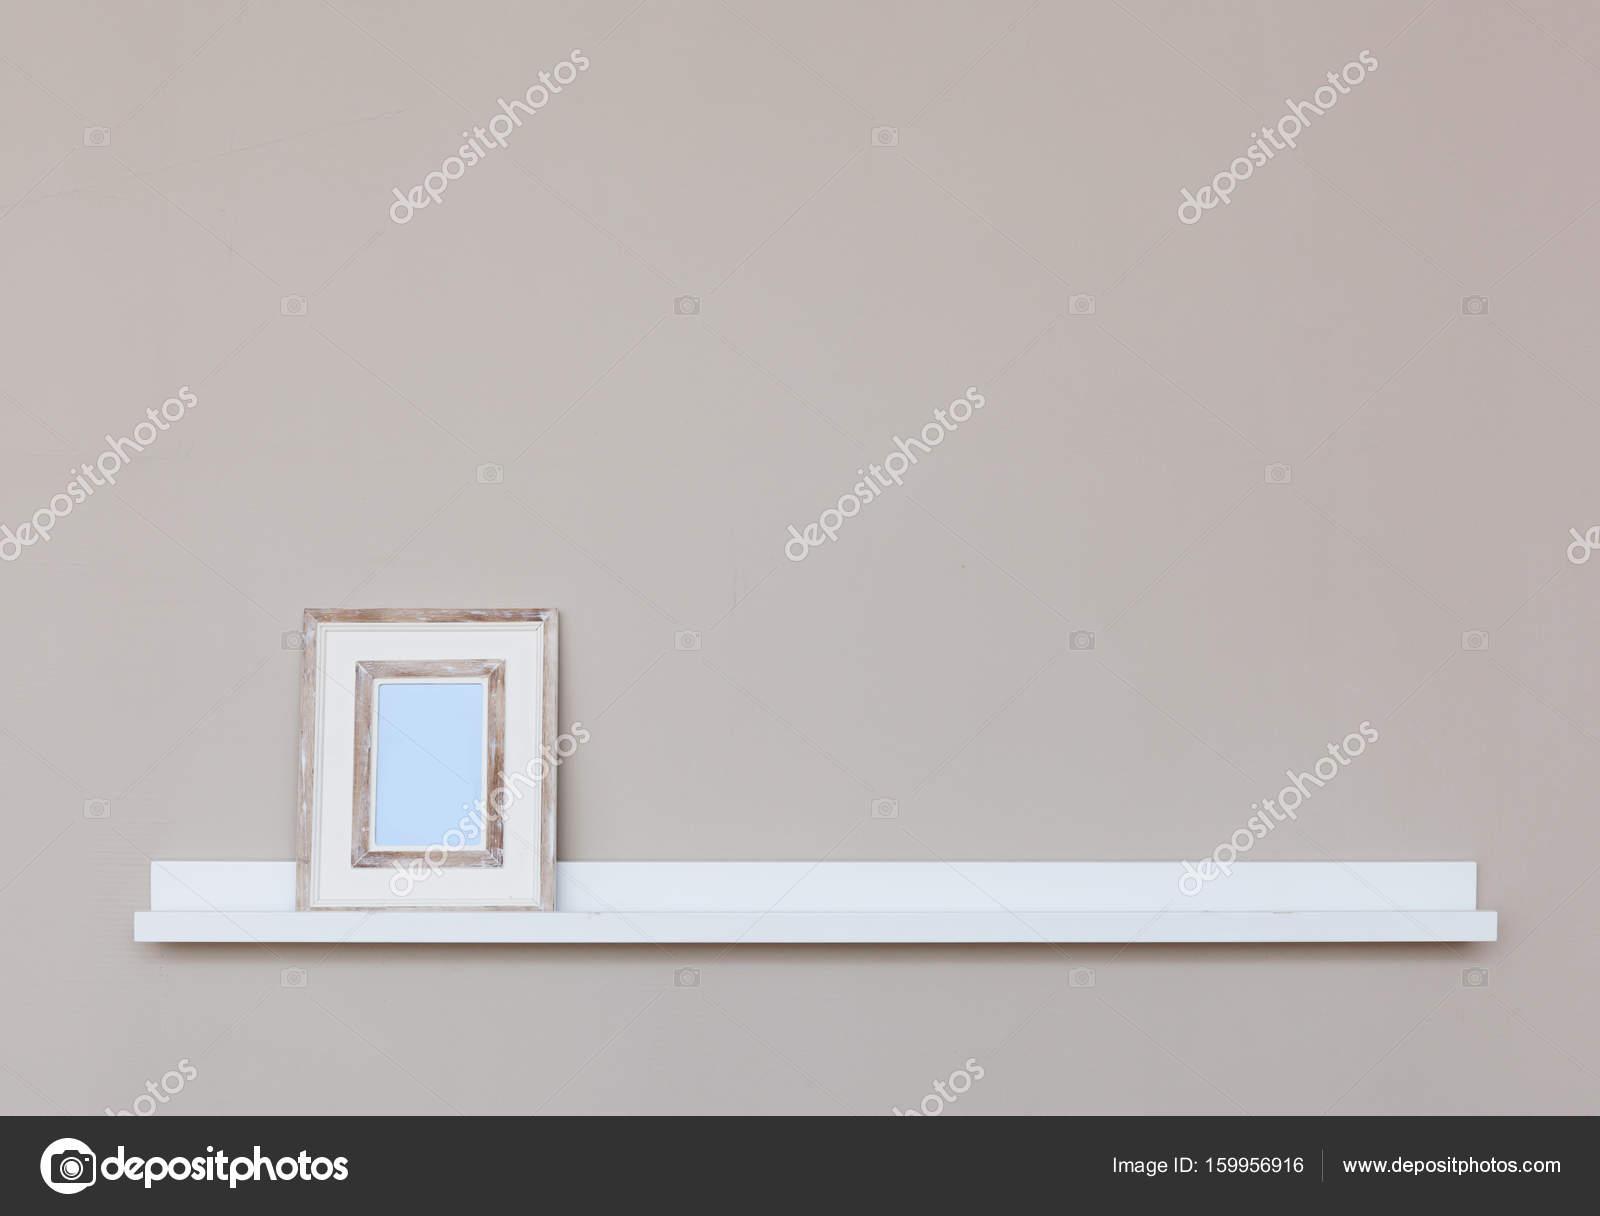 Wandplank Voor Fotolijstjes.Fotolijstjes Op Plank